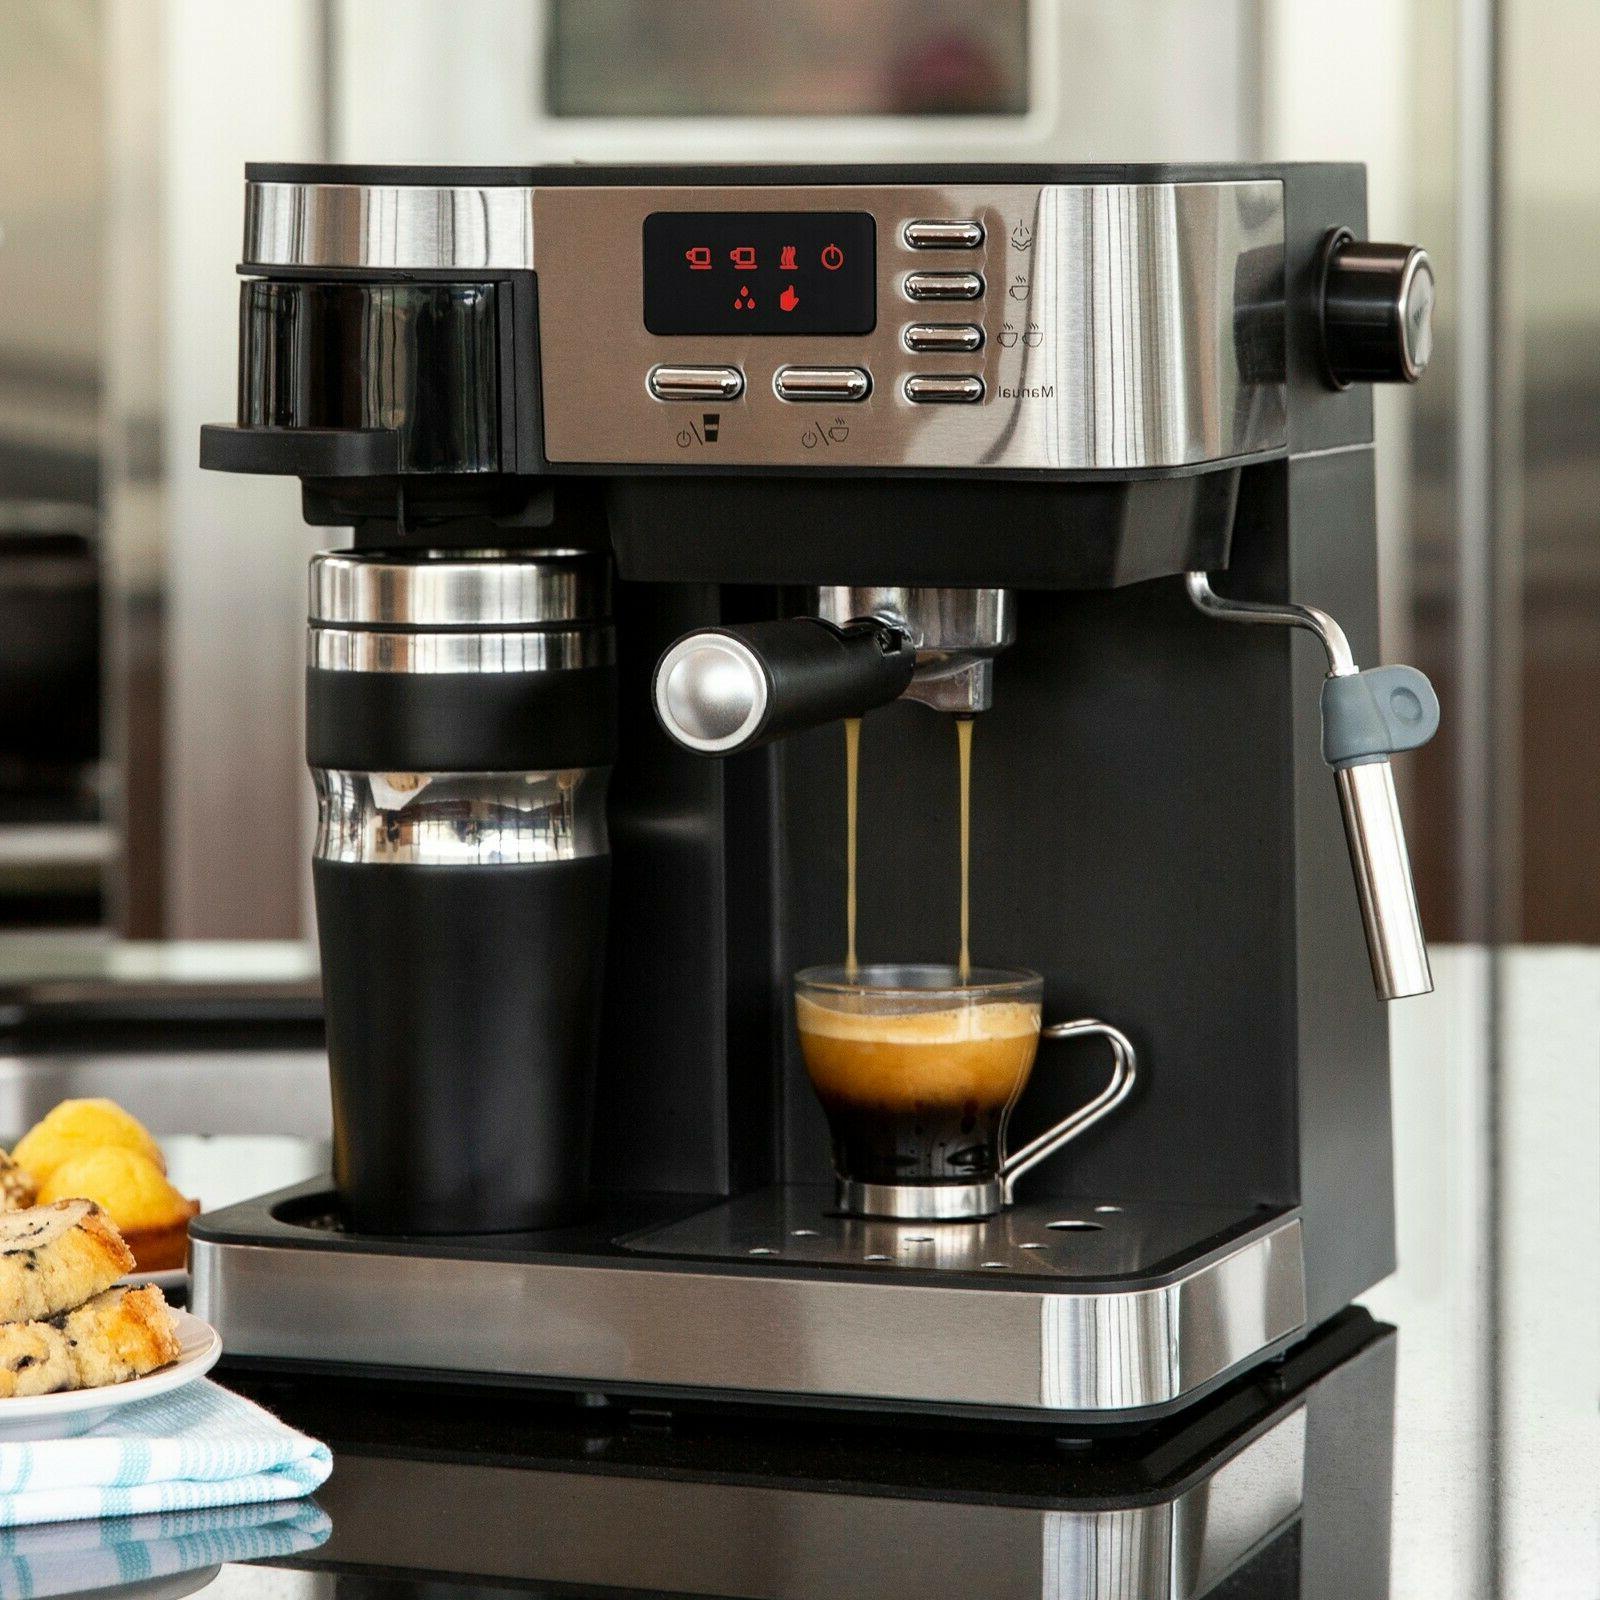 3 in 1 espresso drip coffee